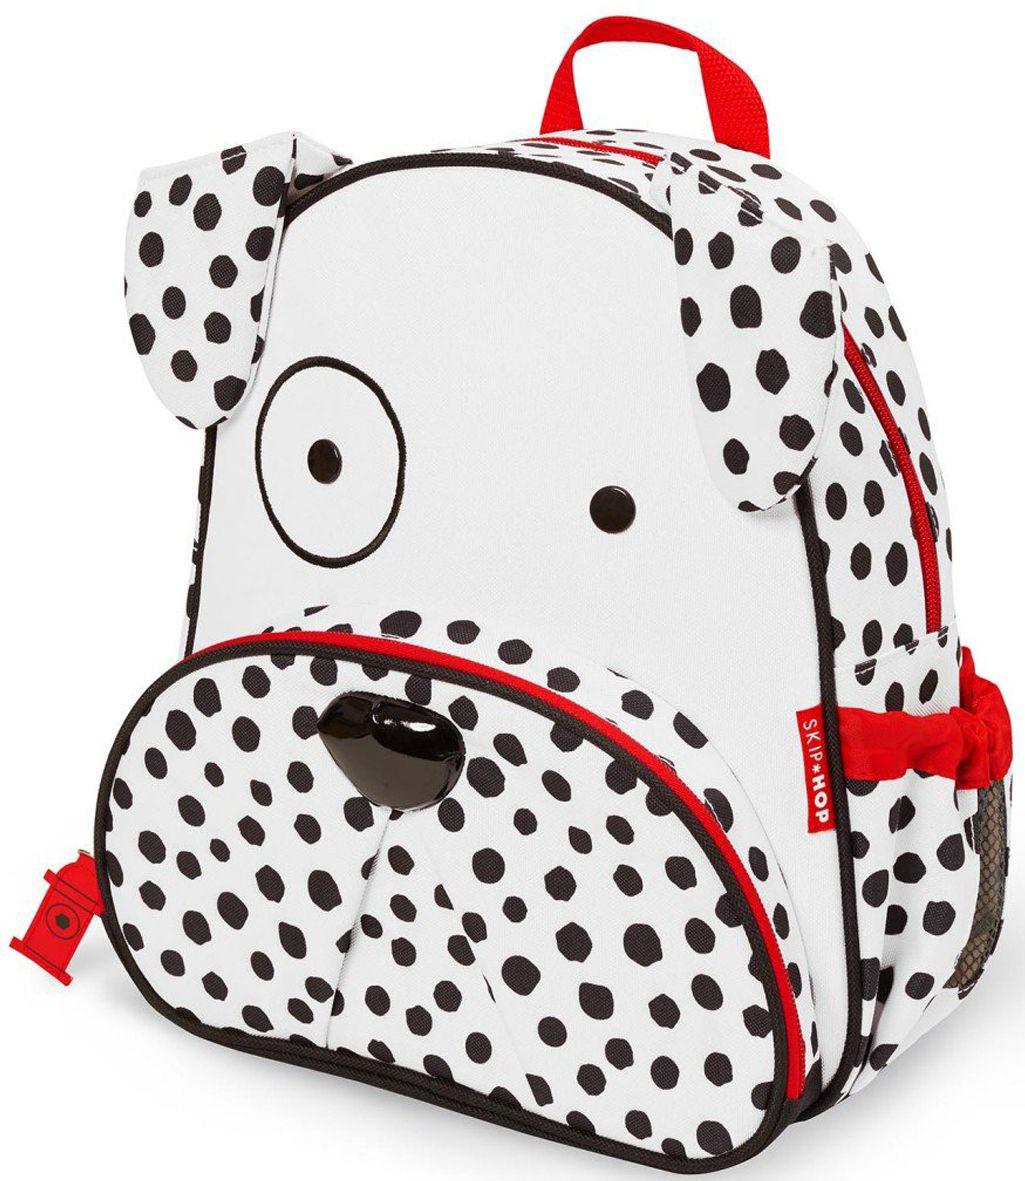 Skip Hop Рюкзак дошкольный ДалматинецSH 210239Дошкольный рюкзак Skip Hop каждый день будет радовать вашего малыша, вызывать улыбки у прохожих и зависть у сверстников. С ним можно ходить в детский сад, на прогулку, в гости к бабушке или ездить на экскурсии.Рюкзак имеет одно основное отделение на застежке-молнии, в которое легко поместятся книжка, альбом для рисования, краски, фломастеры, любимая игрушка и контейнер с едой, а кармашек сбоку предназначен специально для бутылочки с водой. Передний карман на молнии предназначен для мелких вещей.Рюкзак оснащен ручкой для переноски в руках и лямками регулируемой длины.